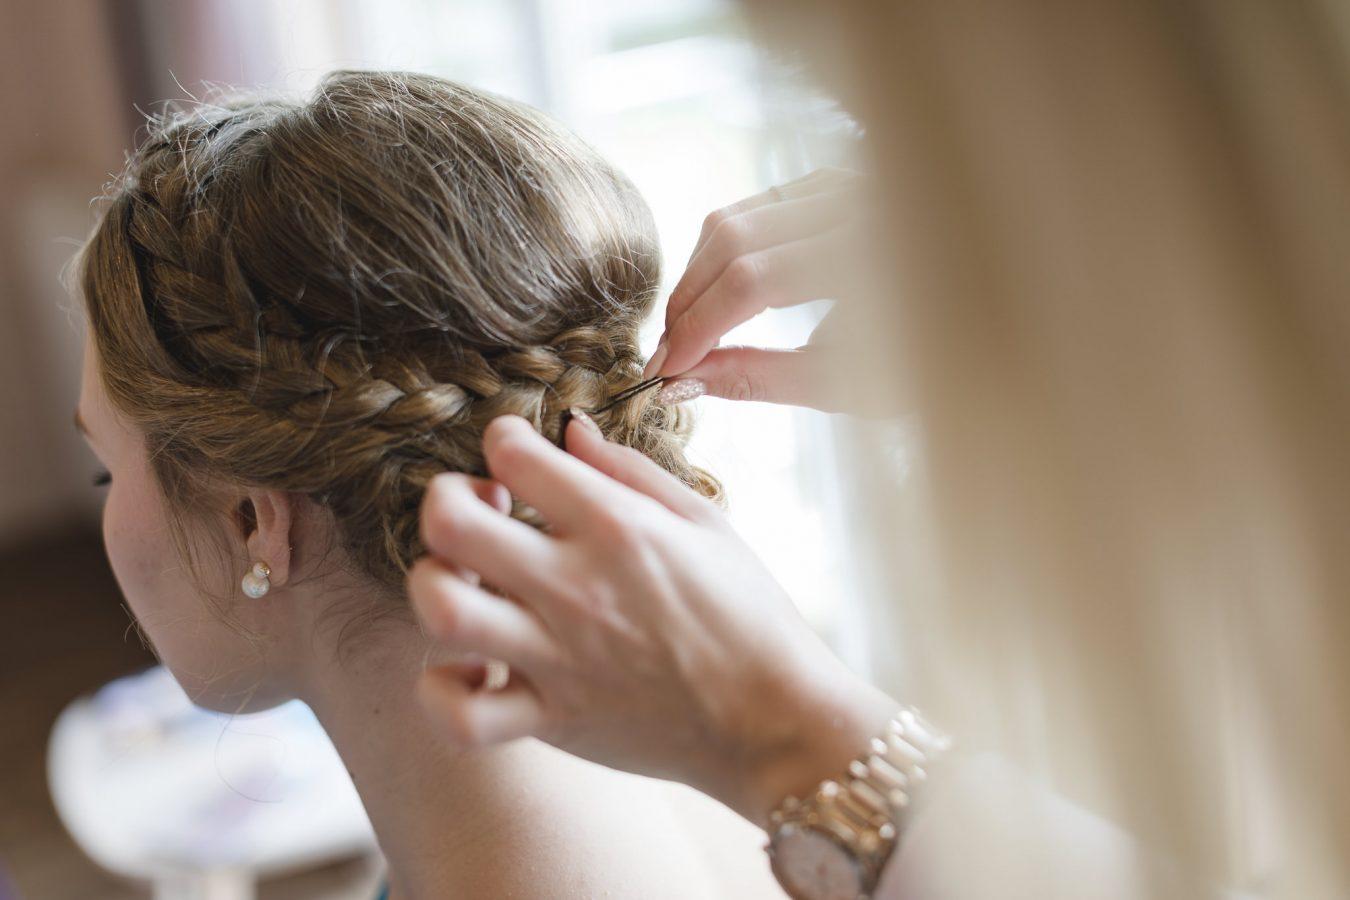 Hochzeitsfotograf Hamburg - Strandhochzeit - die Haare der Brautjungfer werden gesteckt